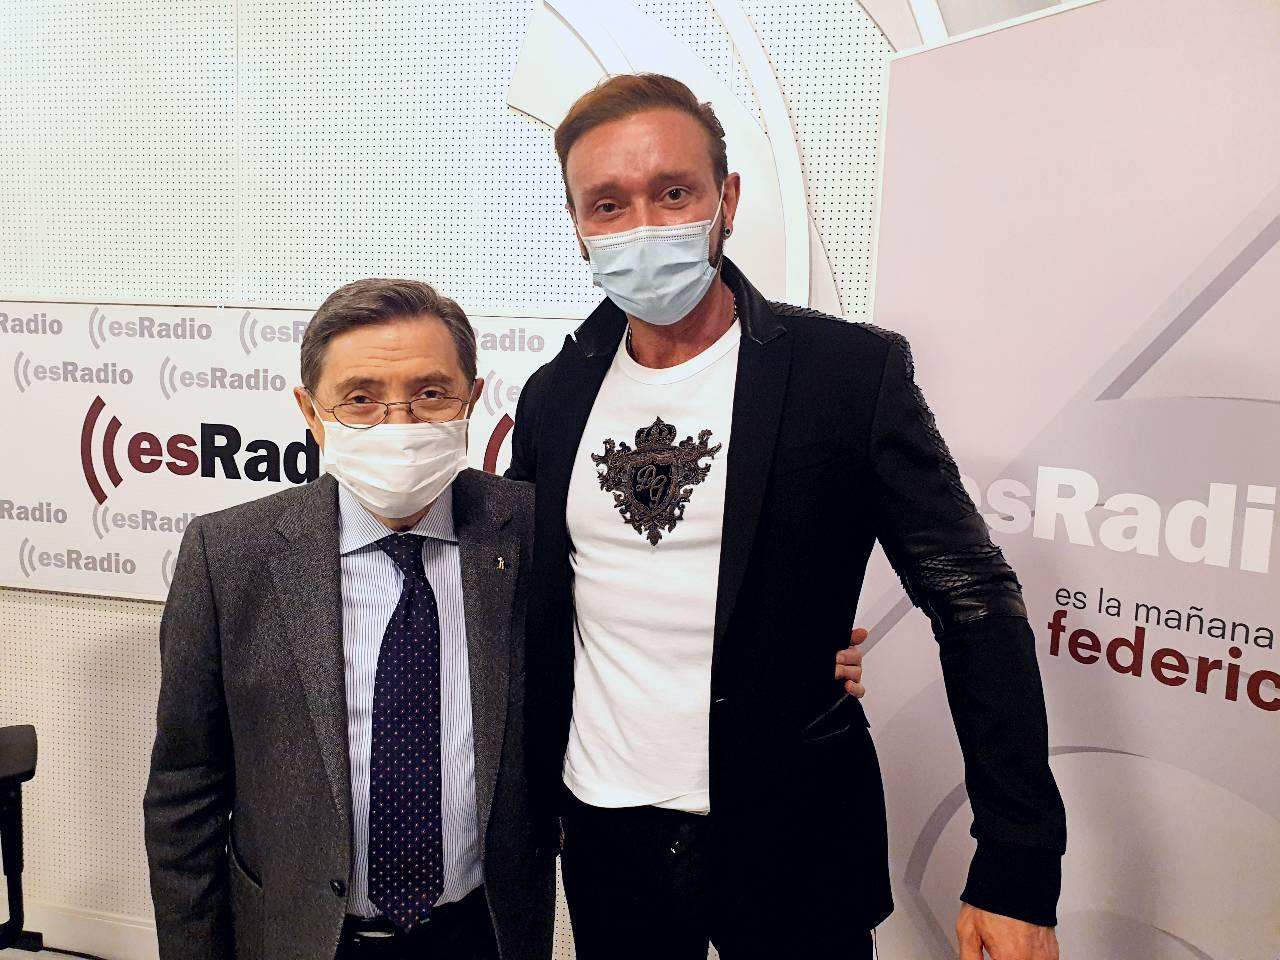 Marco Lux en el estudio de esRadio con el periodista y escritor Federico Jiménez Losantos